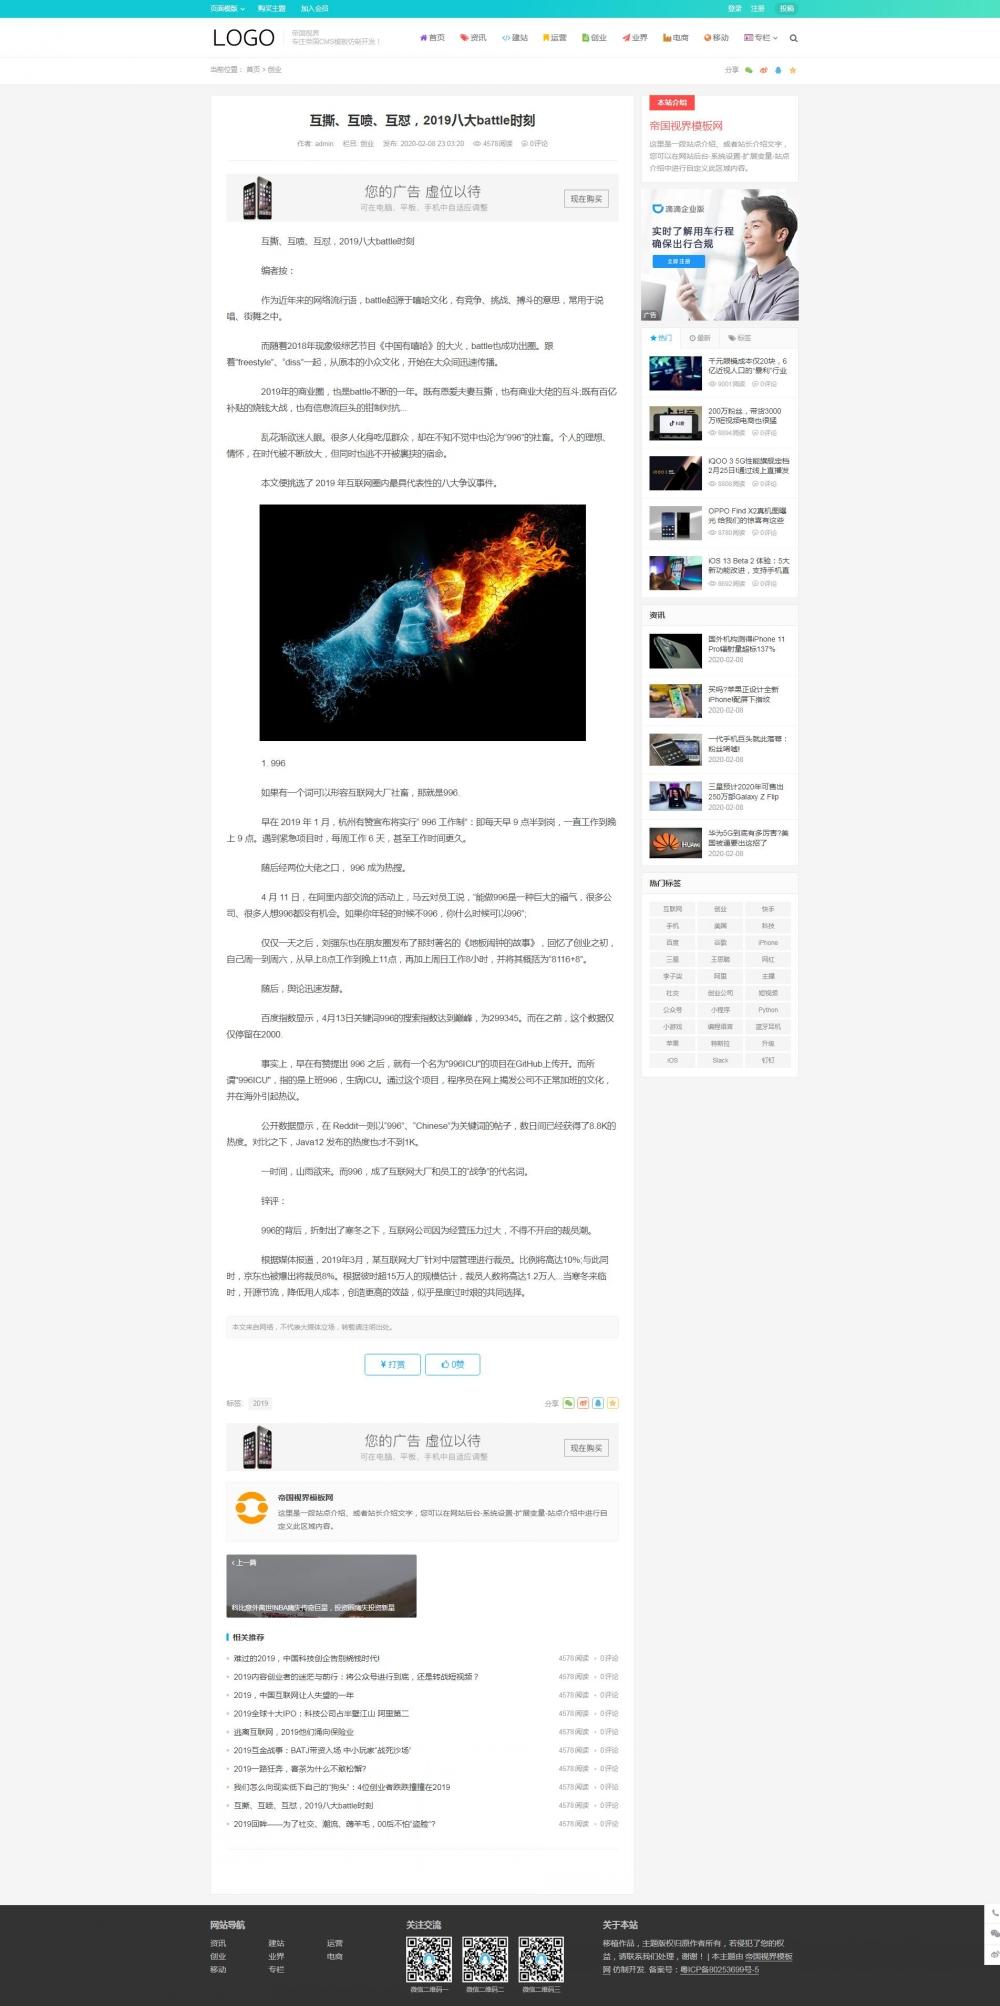 文章内容页.jpg [DG-060]帝国CMS经典高端大气新闻资讯文章博客模板(带会员中心) 新闻资讯 第3张